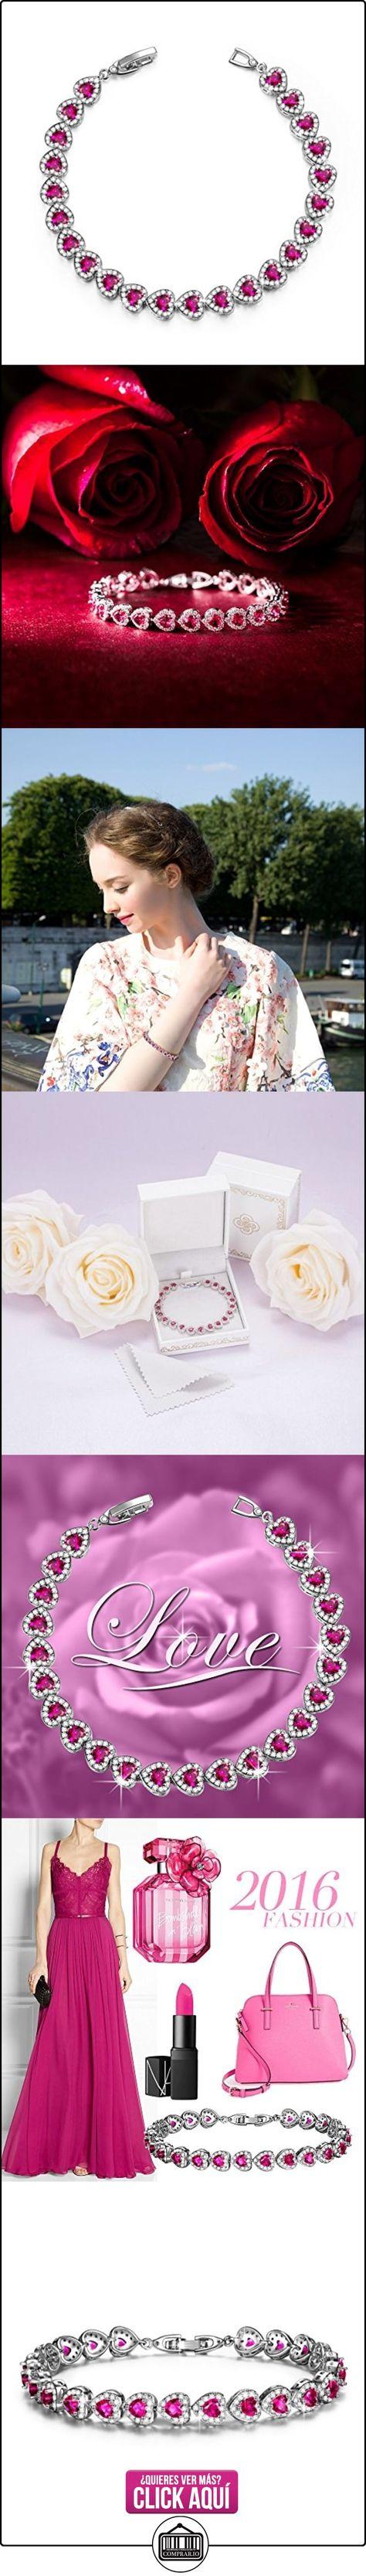 37cfb2ce0aeb Pauline   Morgen Amor estrellado Pulsera Mujer rojo Joyeria regalos  cumpleanos regalos de navidad regalo dia de la madre regalos san valentin  aniversario ...